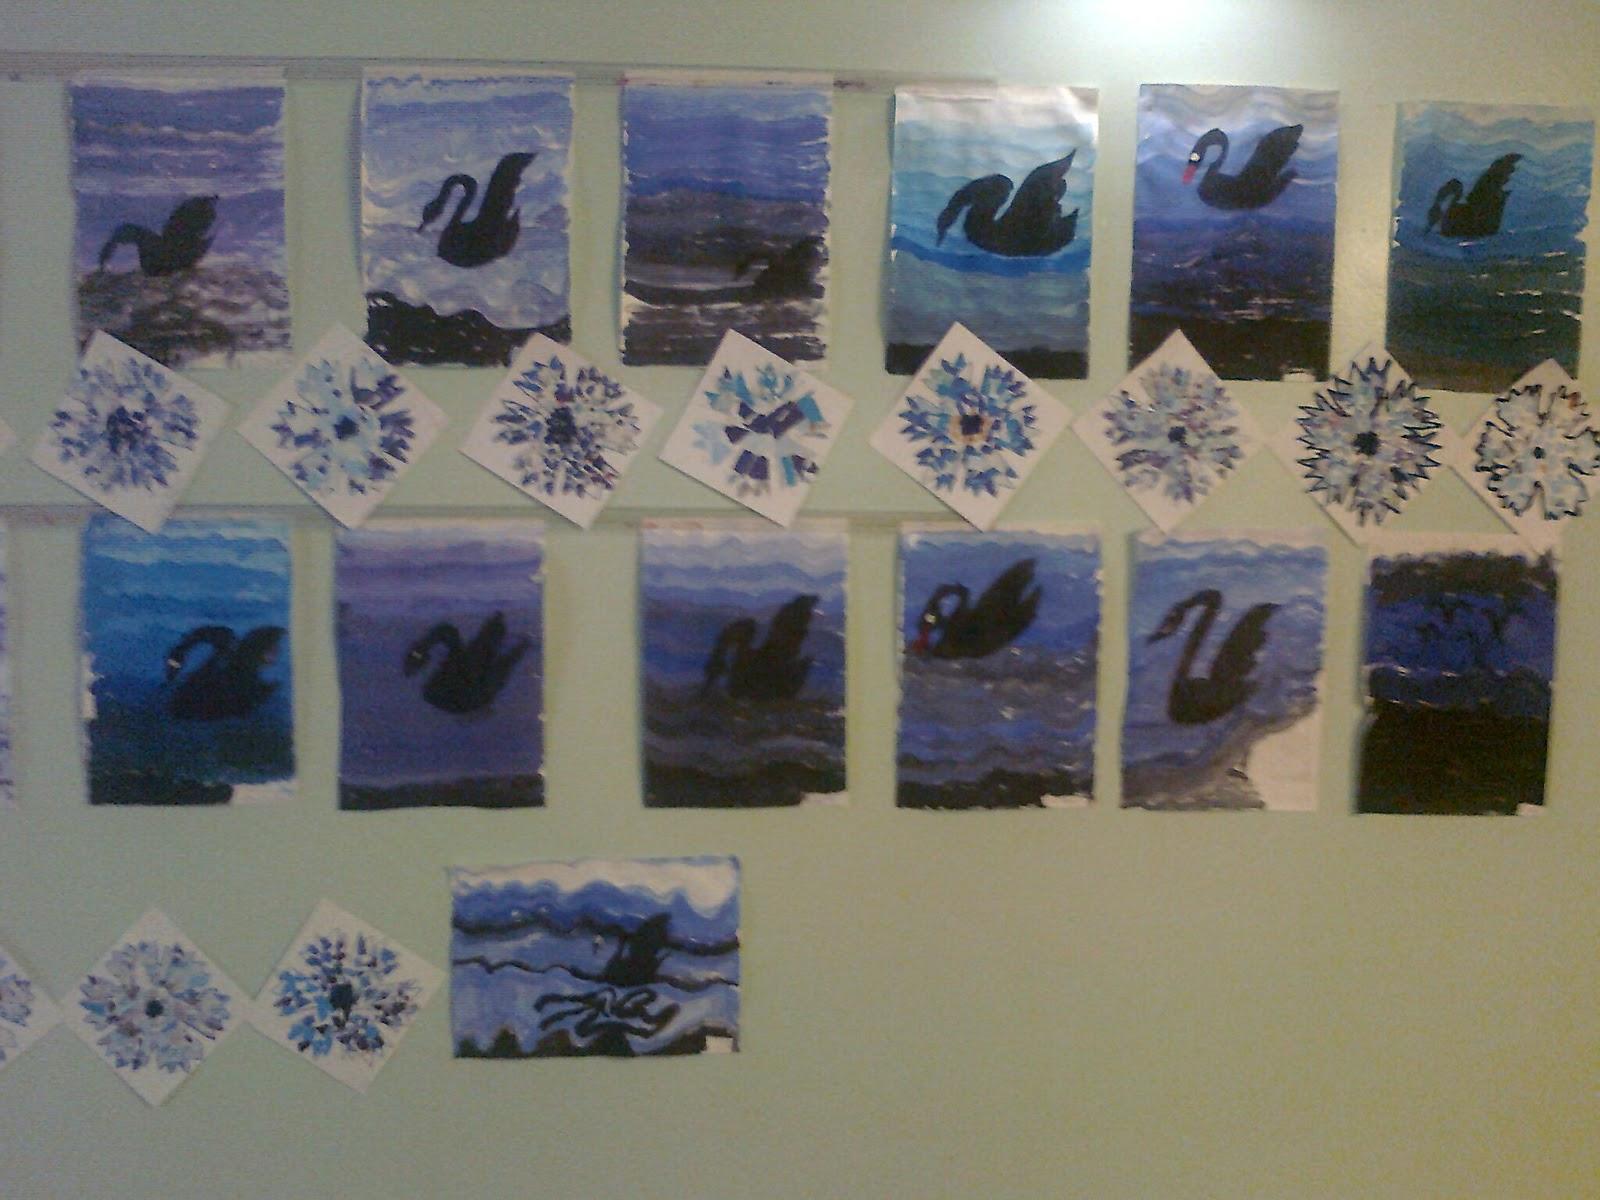 День независимости эстонии открытки, днем рождения корги